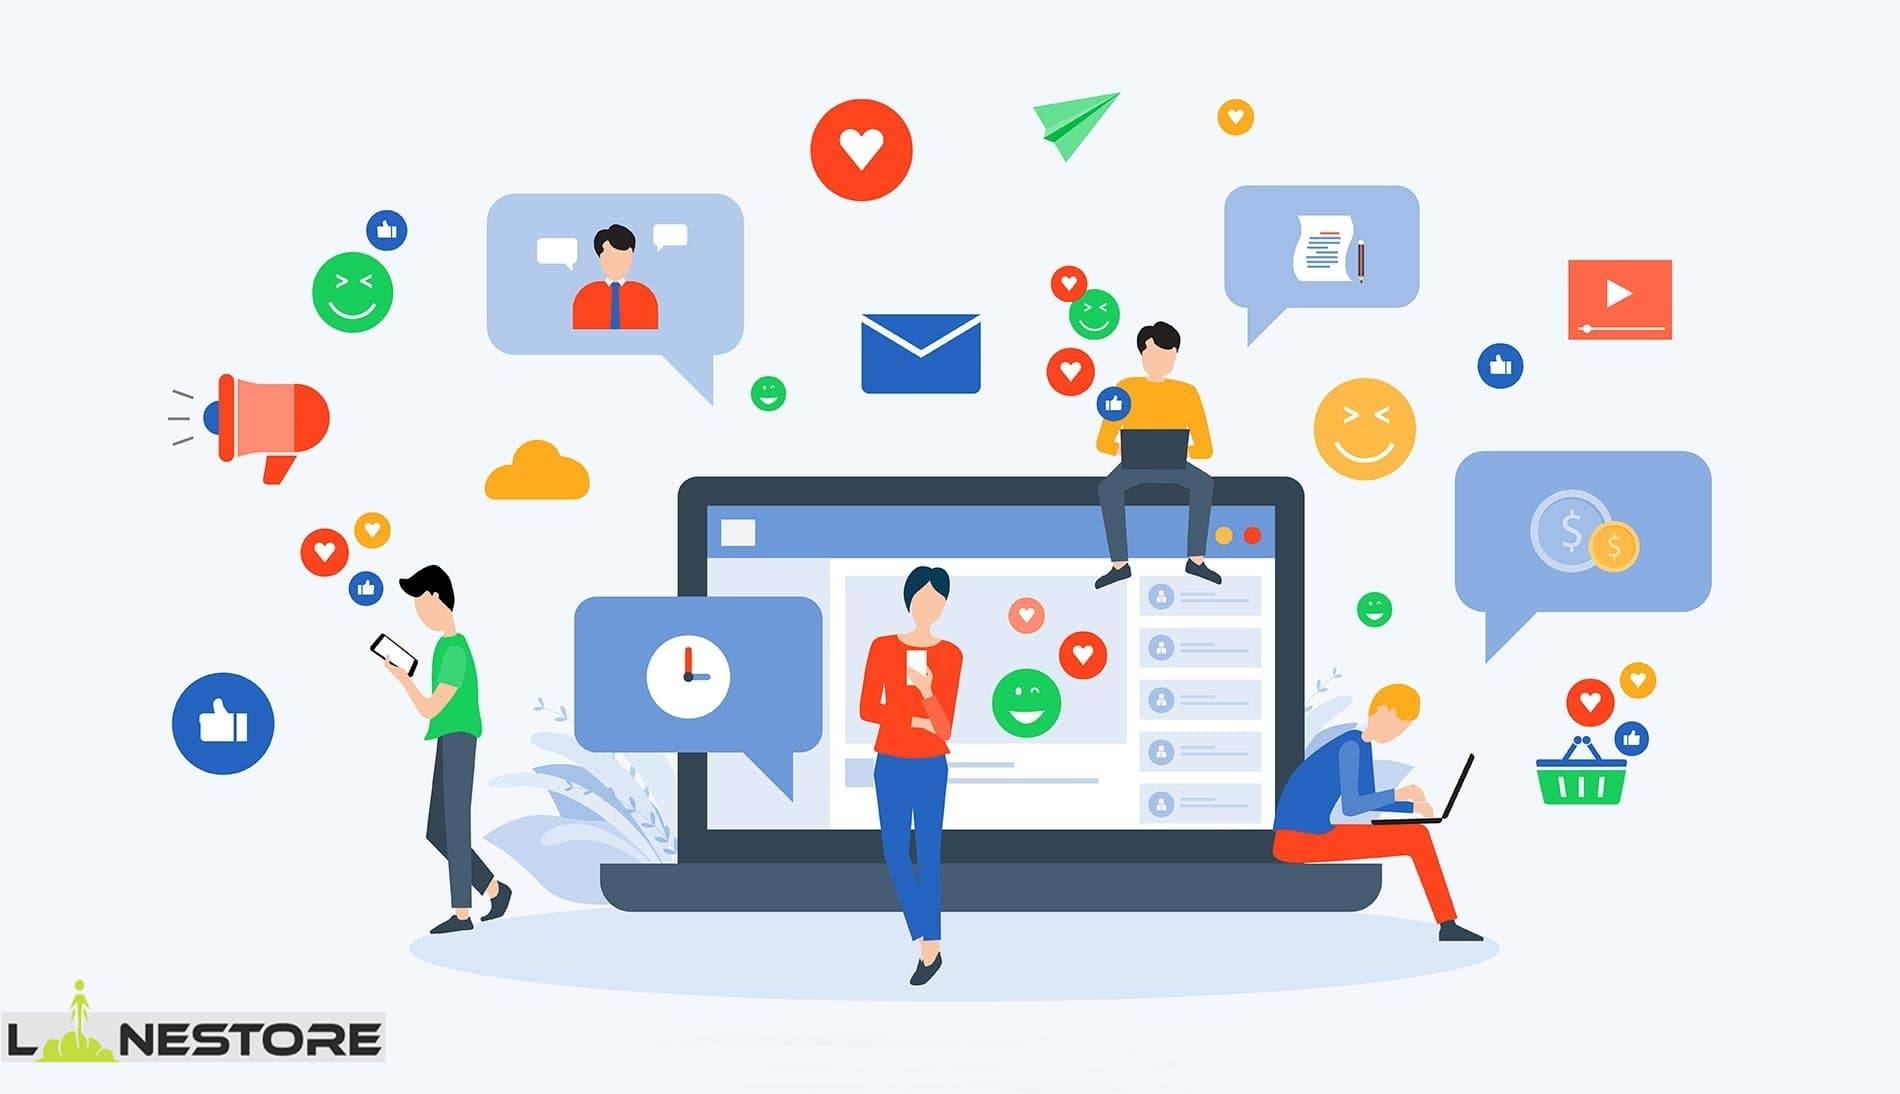 چرا شبکه های اجتماعی برای کسب درآمد مناسب است؟